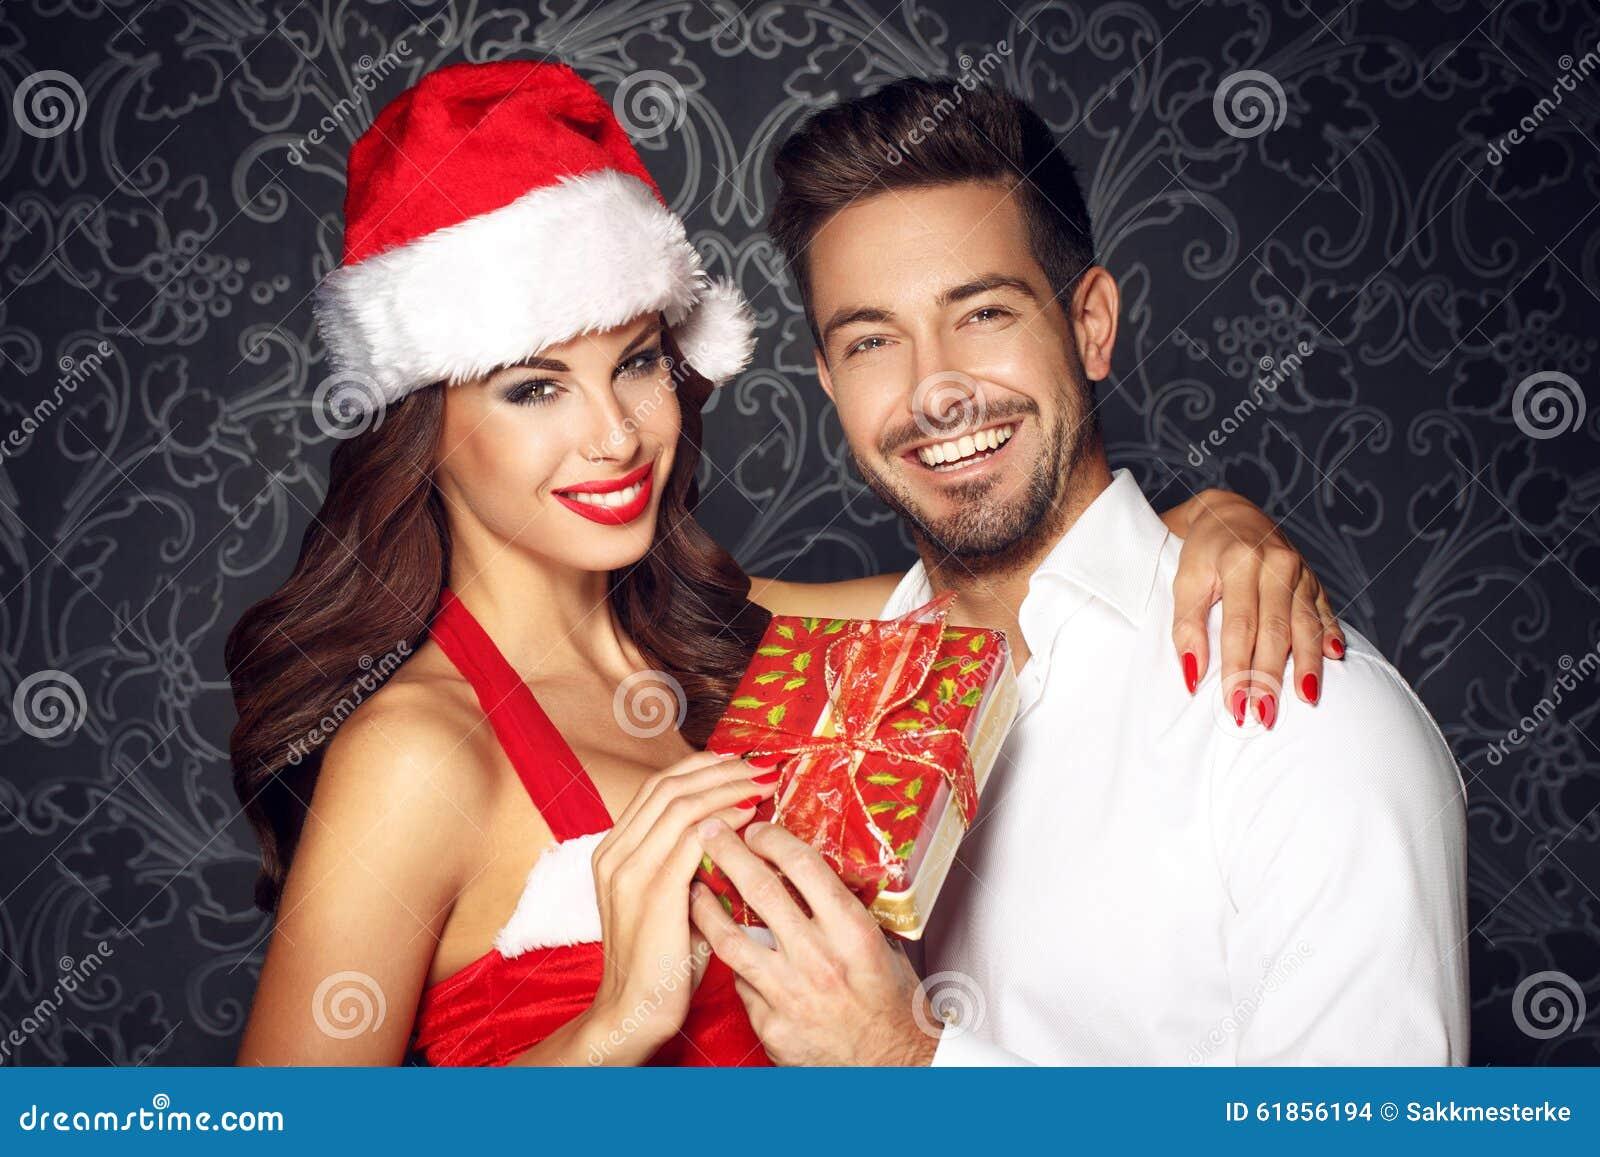 Junge Paare, Die Geschenk Am Weihnachten Halten Stockfoto - Bild von ...